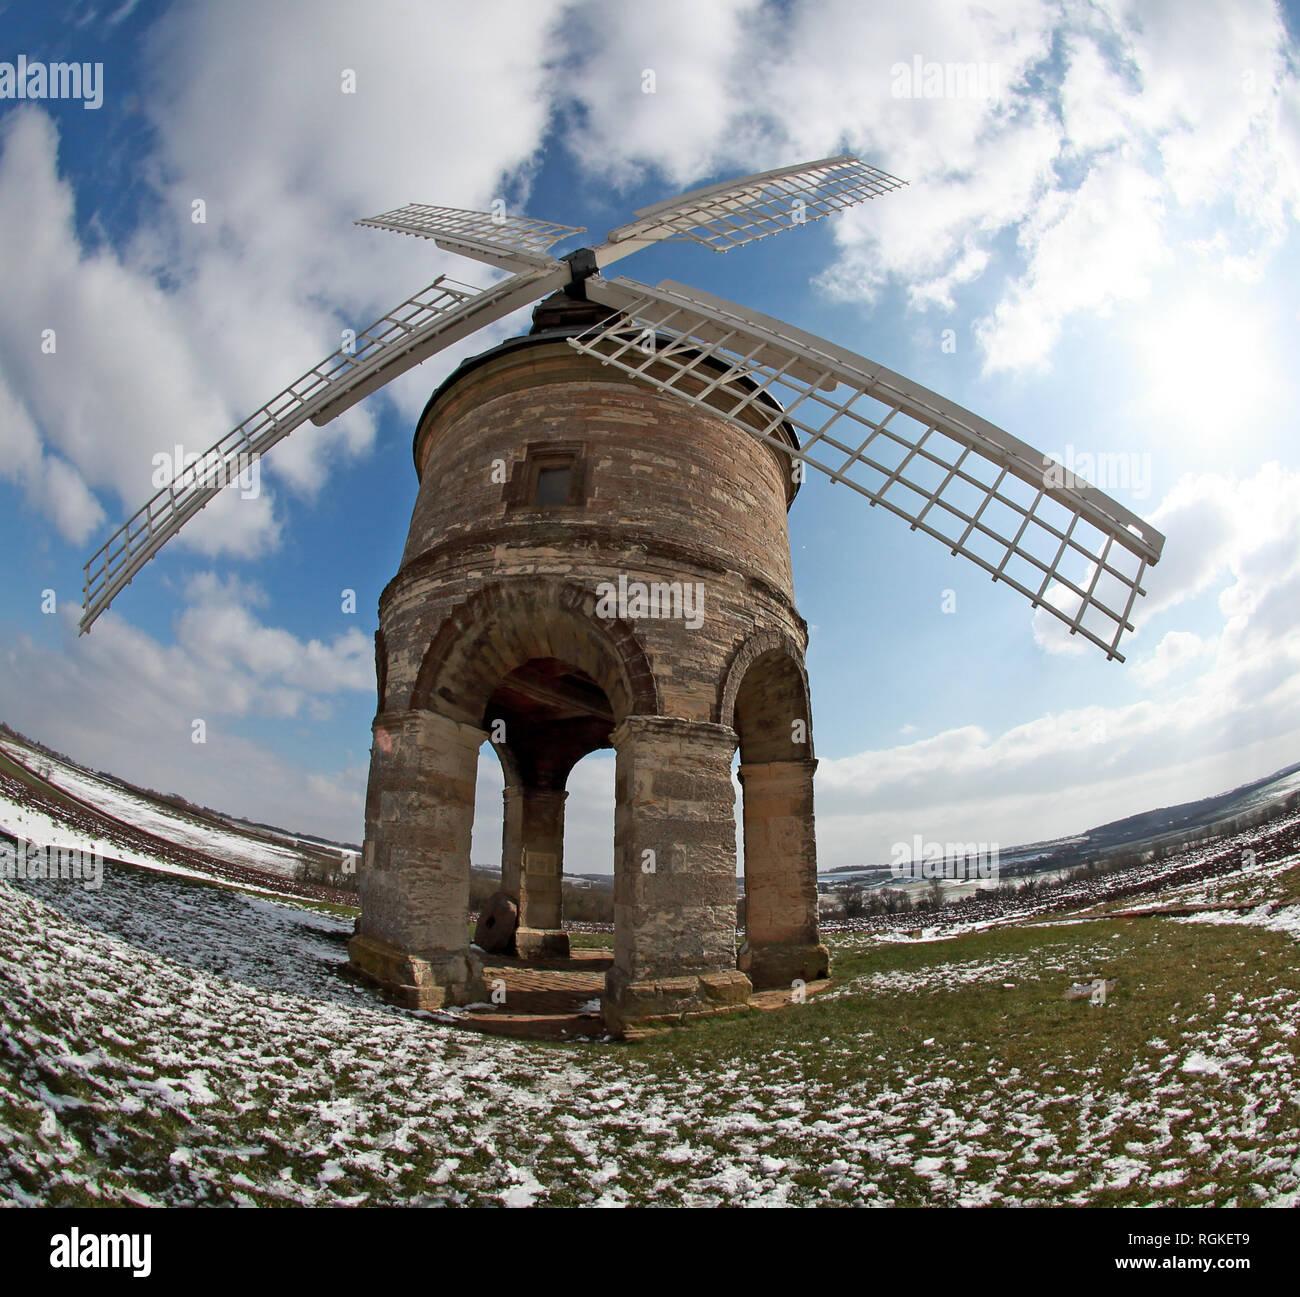 GoTonySmith,@HotpixUK,HotpixUK,Warwickshire,Warwick,famous,tourist,tourism,landmark,heritage,culture,Windmill